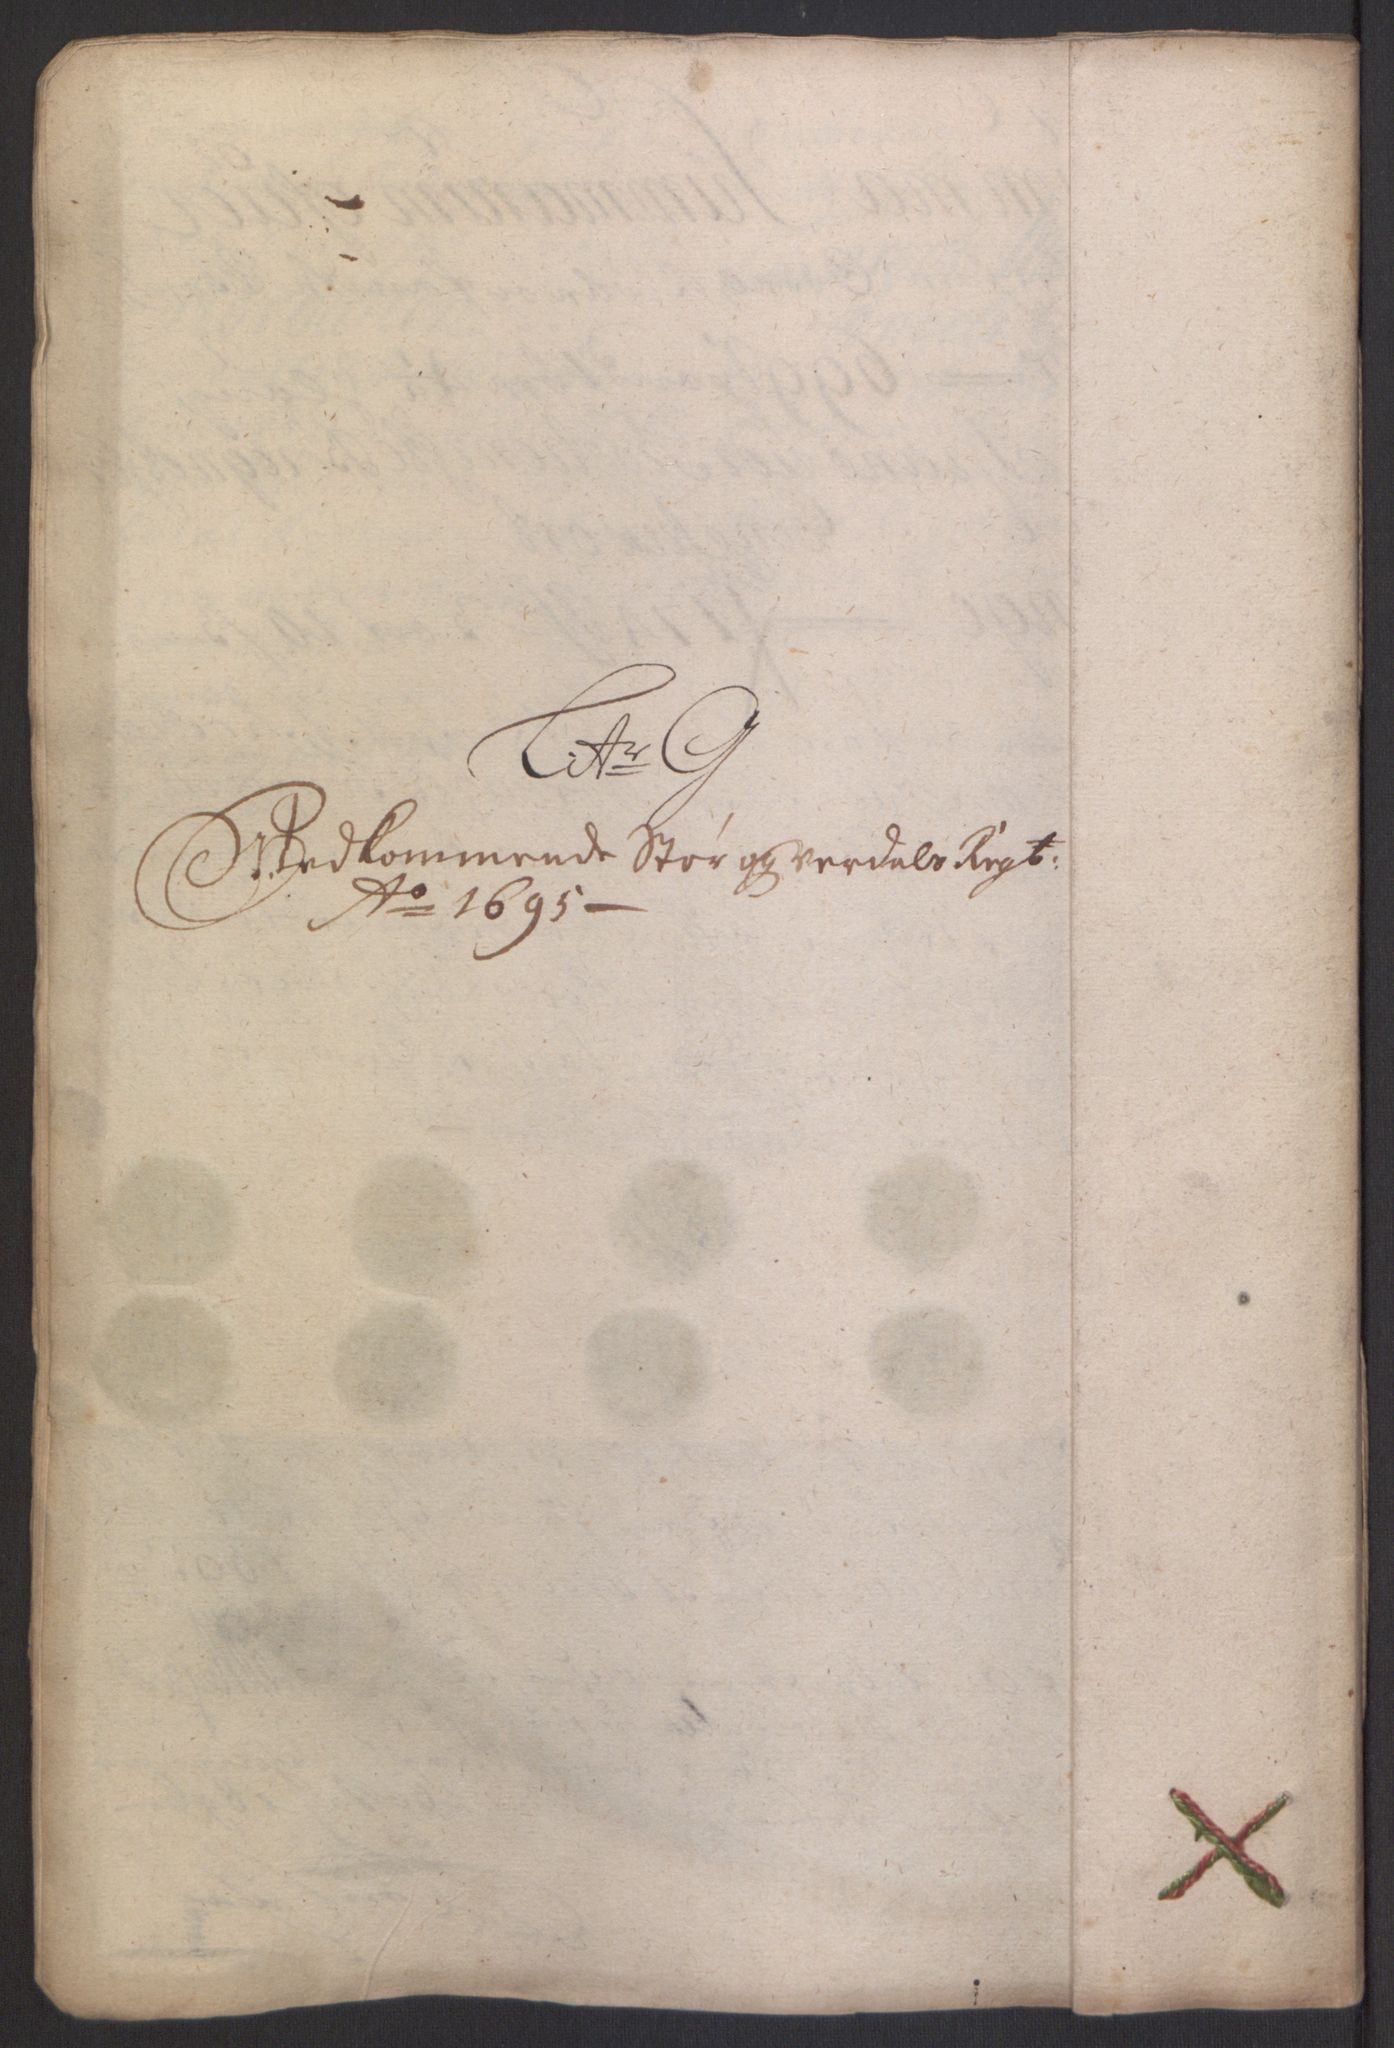 RA, Rentekammeret inntil 1814, Reviderte regnskaper, Fogderegnskap, R62/L4187: Fogderegnskap Stjørdal og Verdal, 1695, s. 119